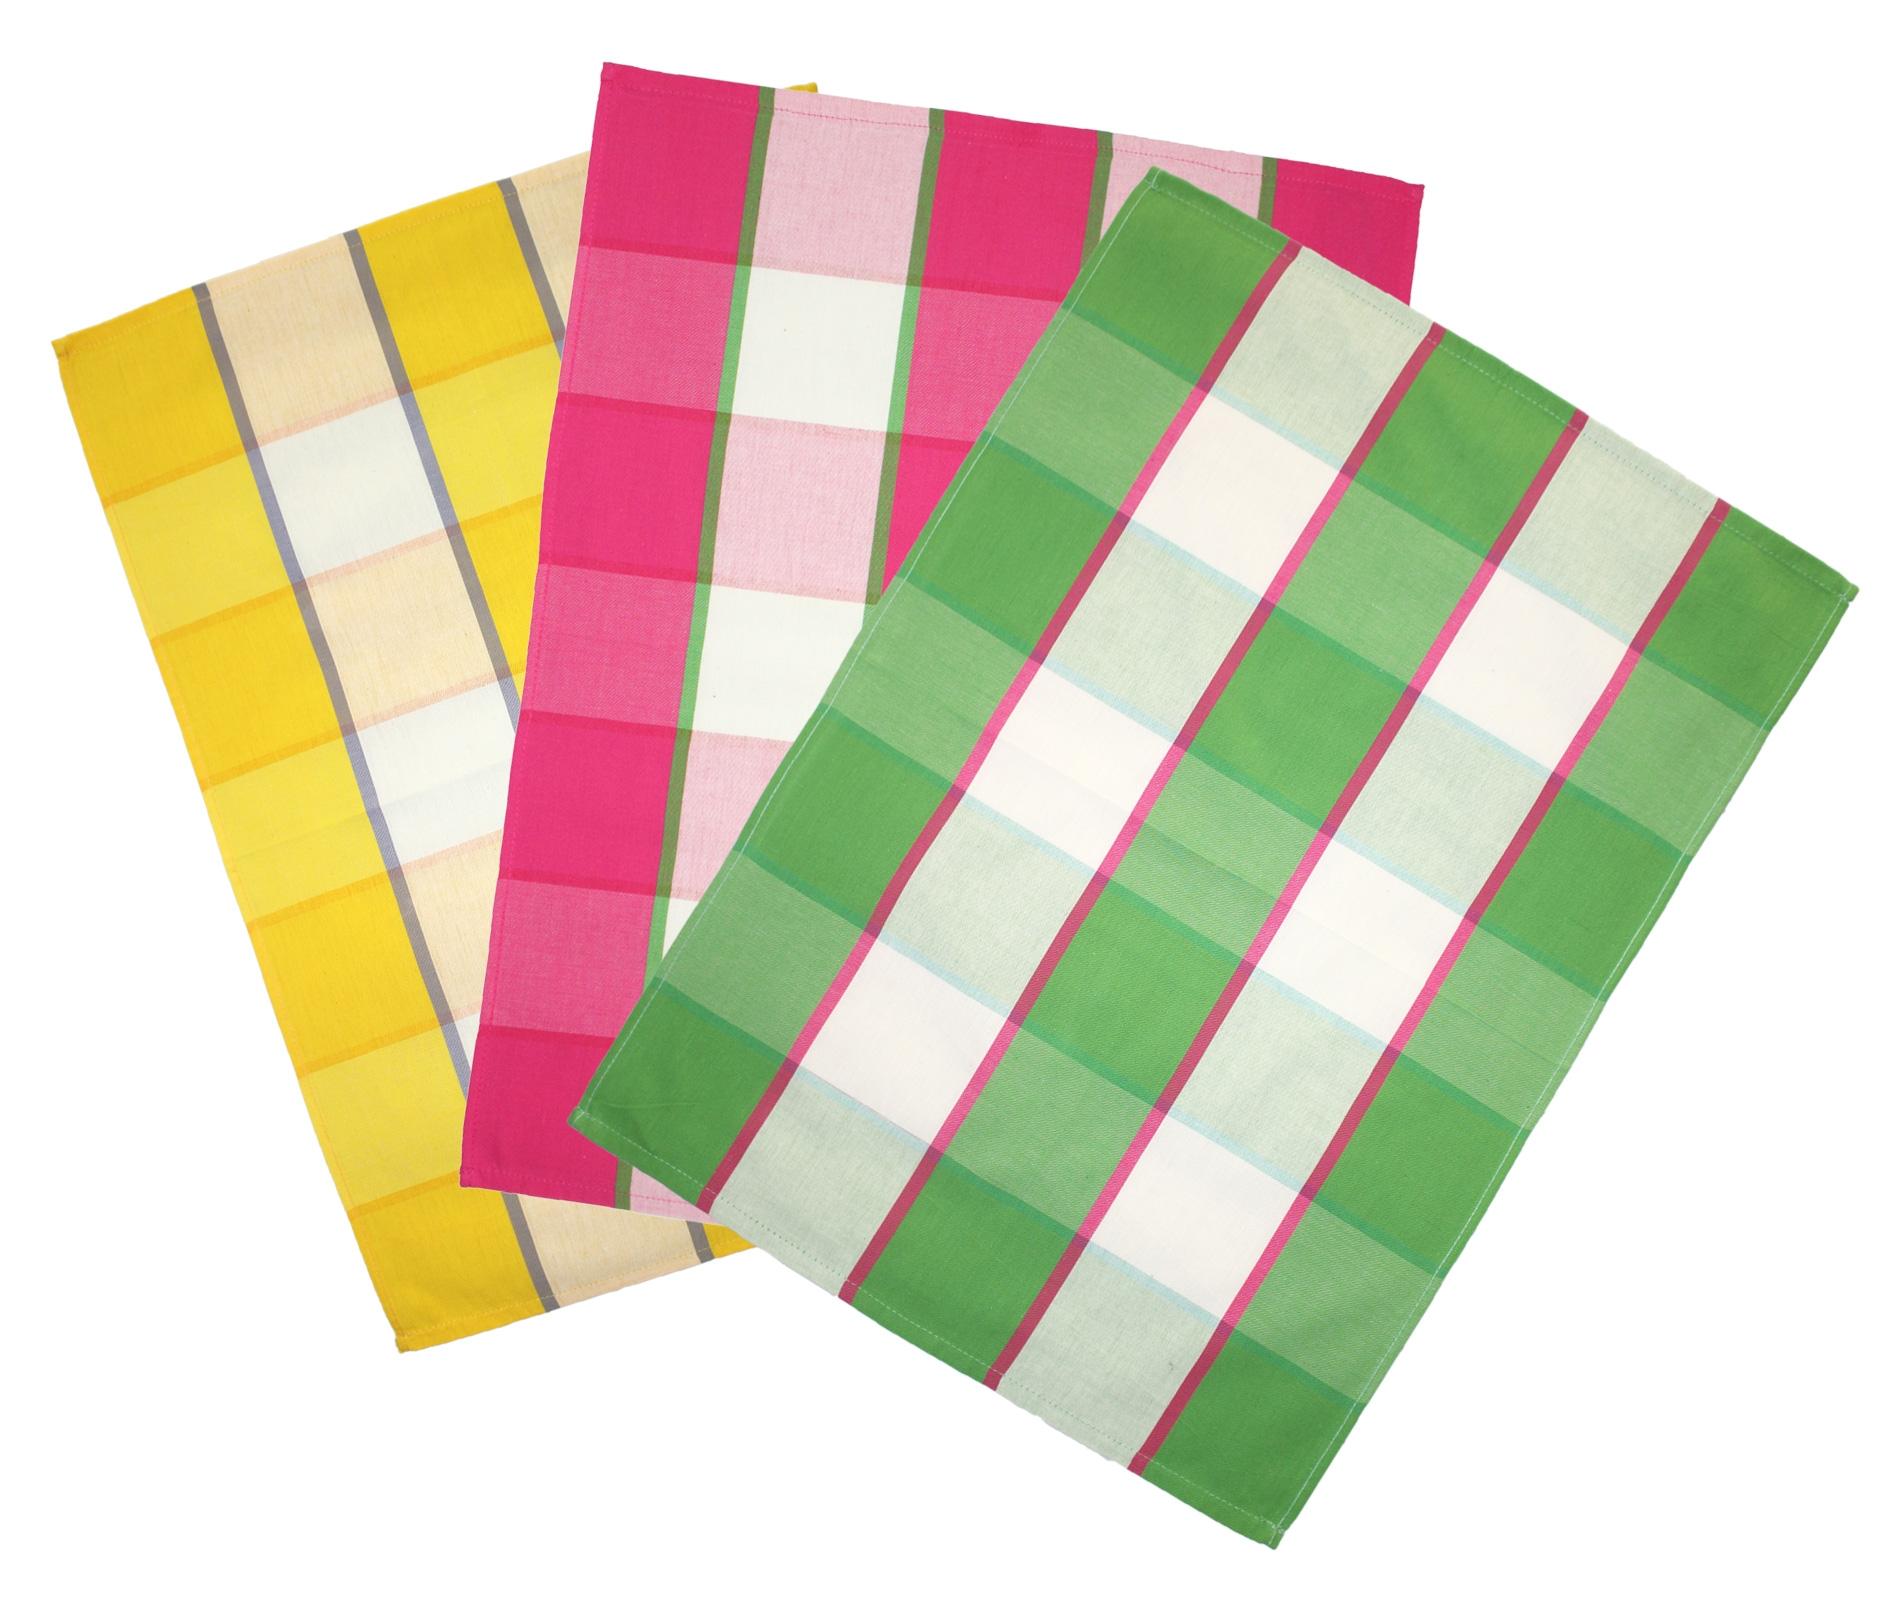 Küchentextilien - 3er Pack Geschirrtücher Blockkaro emozioni casa 50x70cm 100 Baumwolle  - Onlineshop PremiumShop321